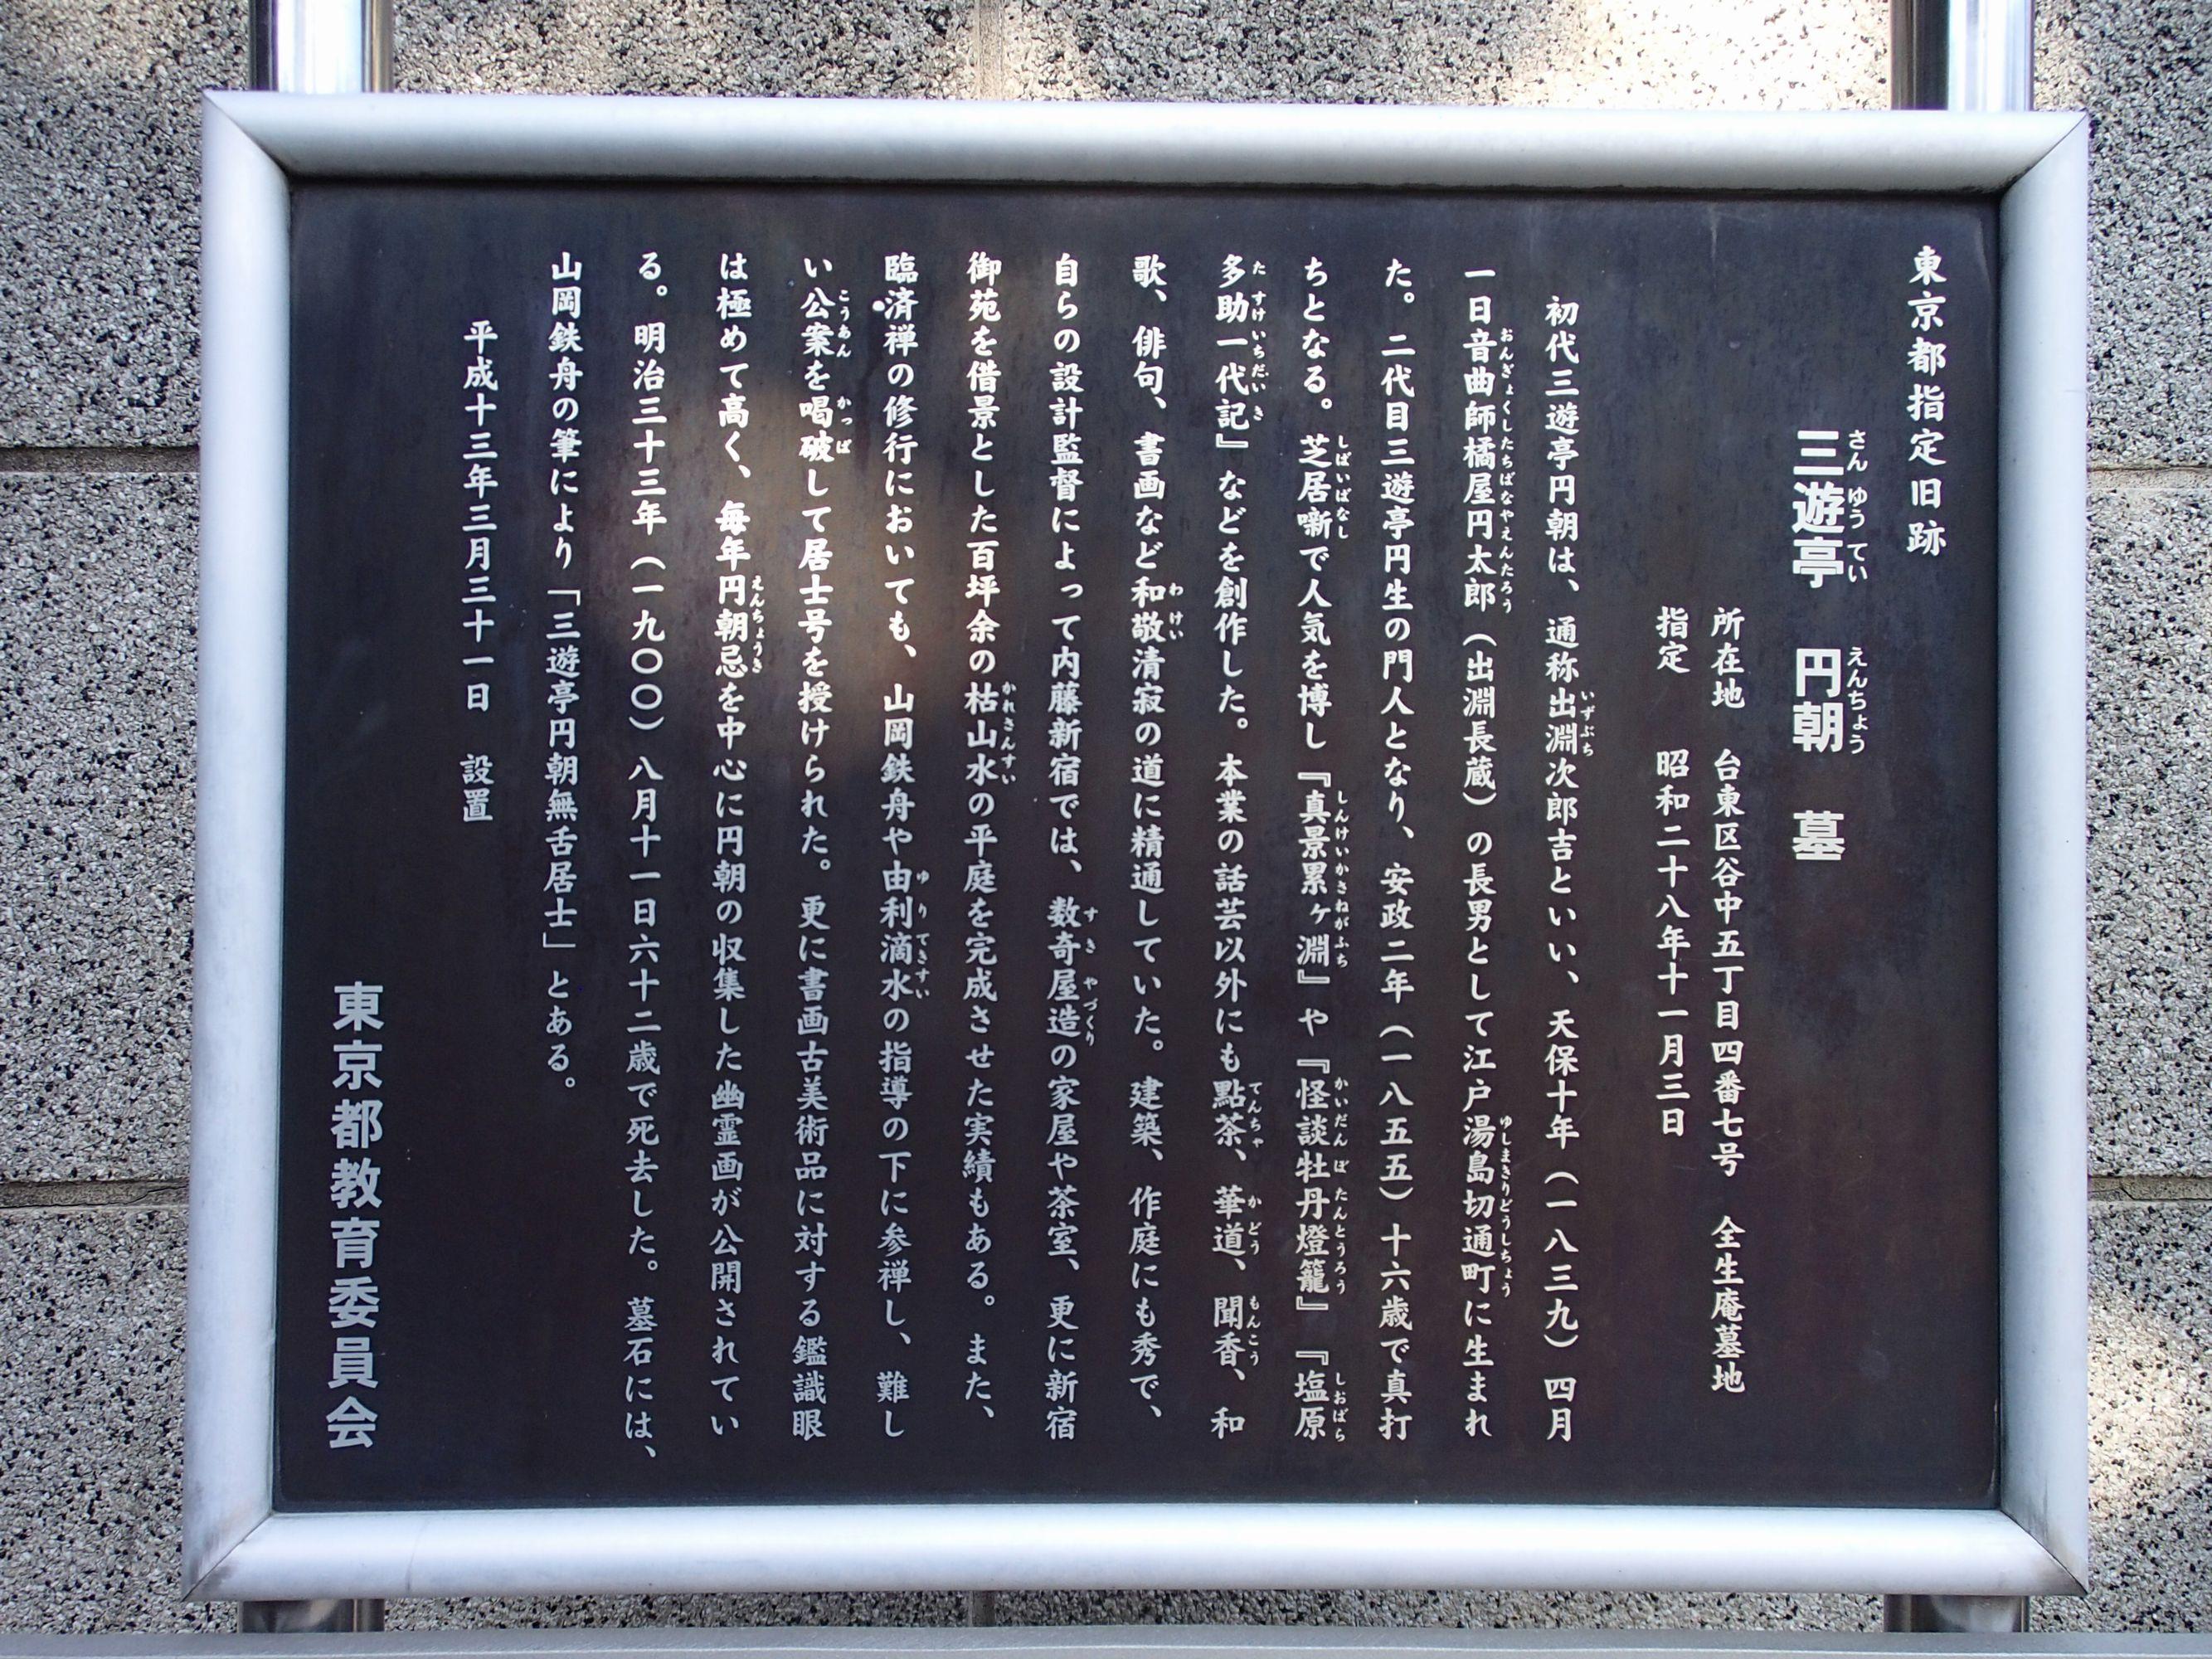 谷中圓朝まつり@全生庵~怪談噺を得意とした故・三遊亭圓朝の幽霊画コレクションを一般公開